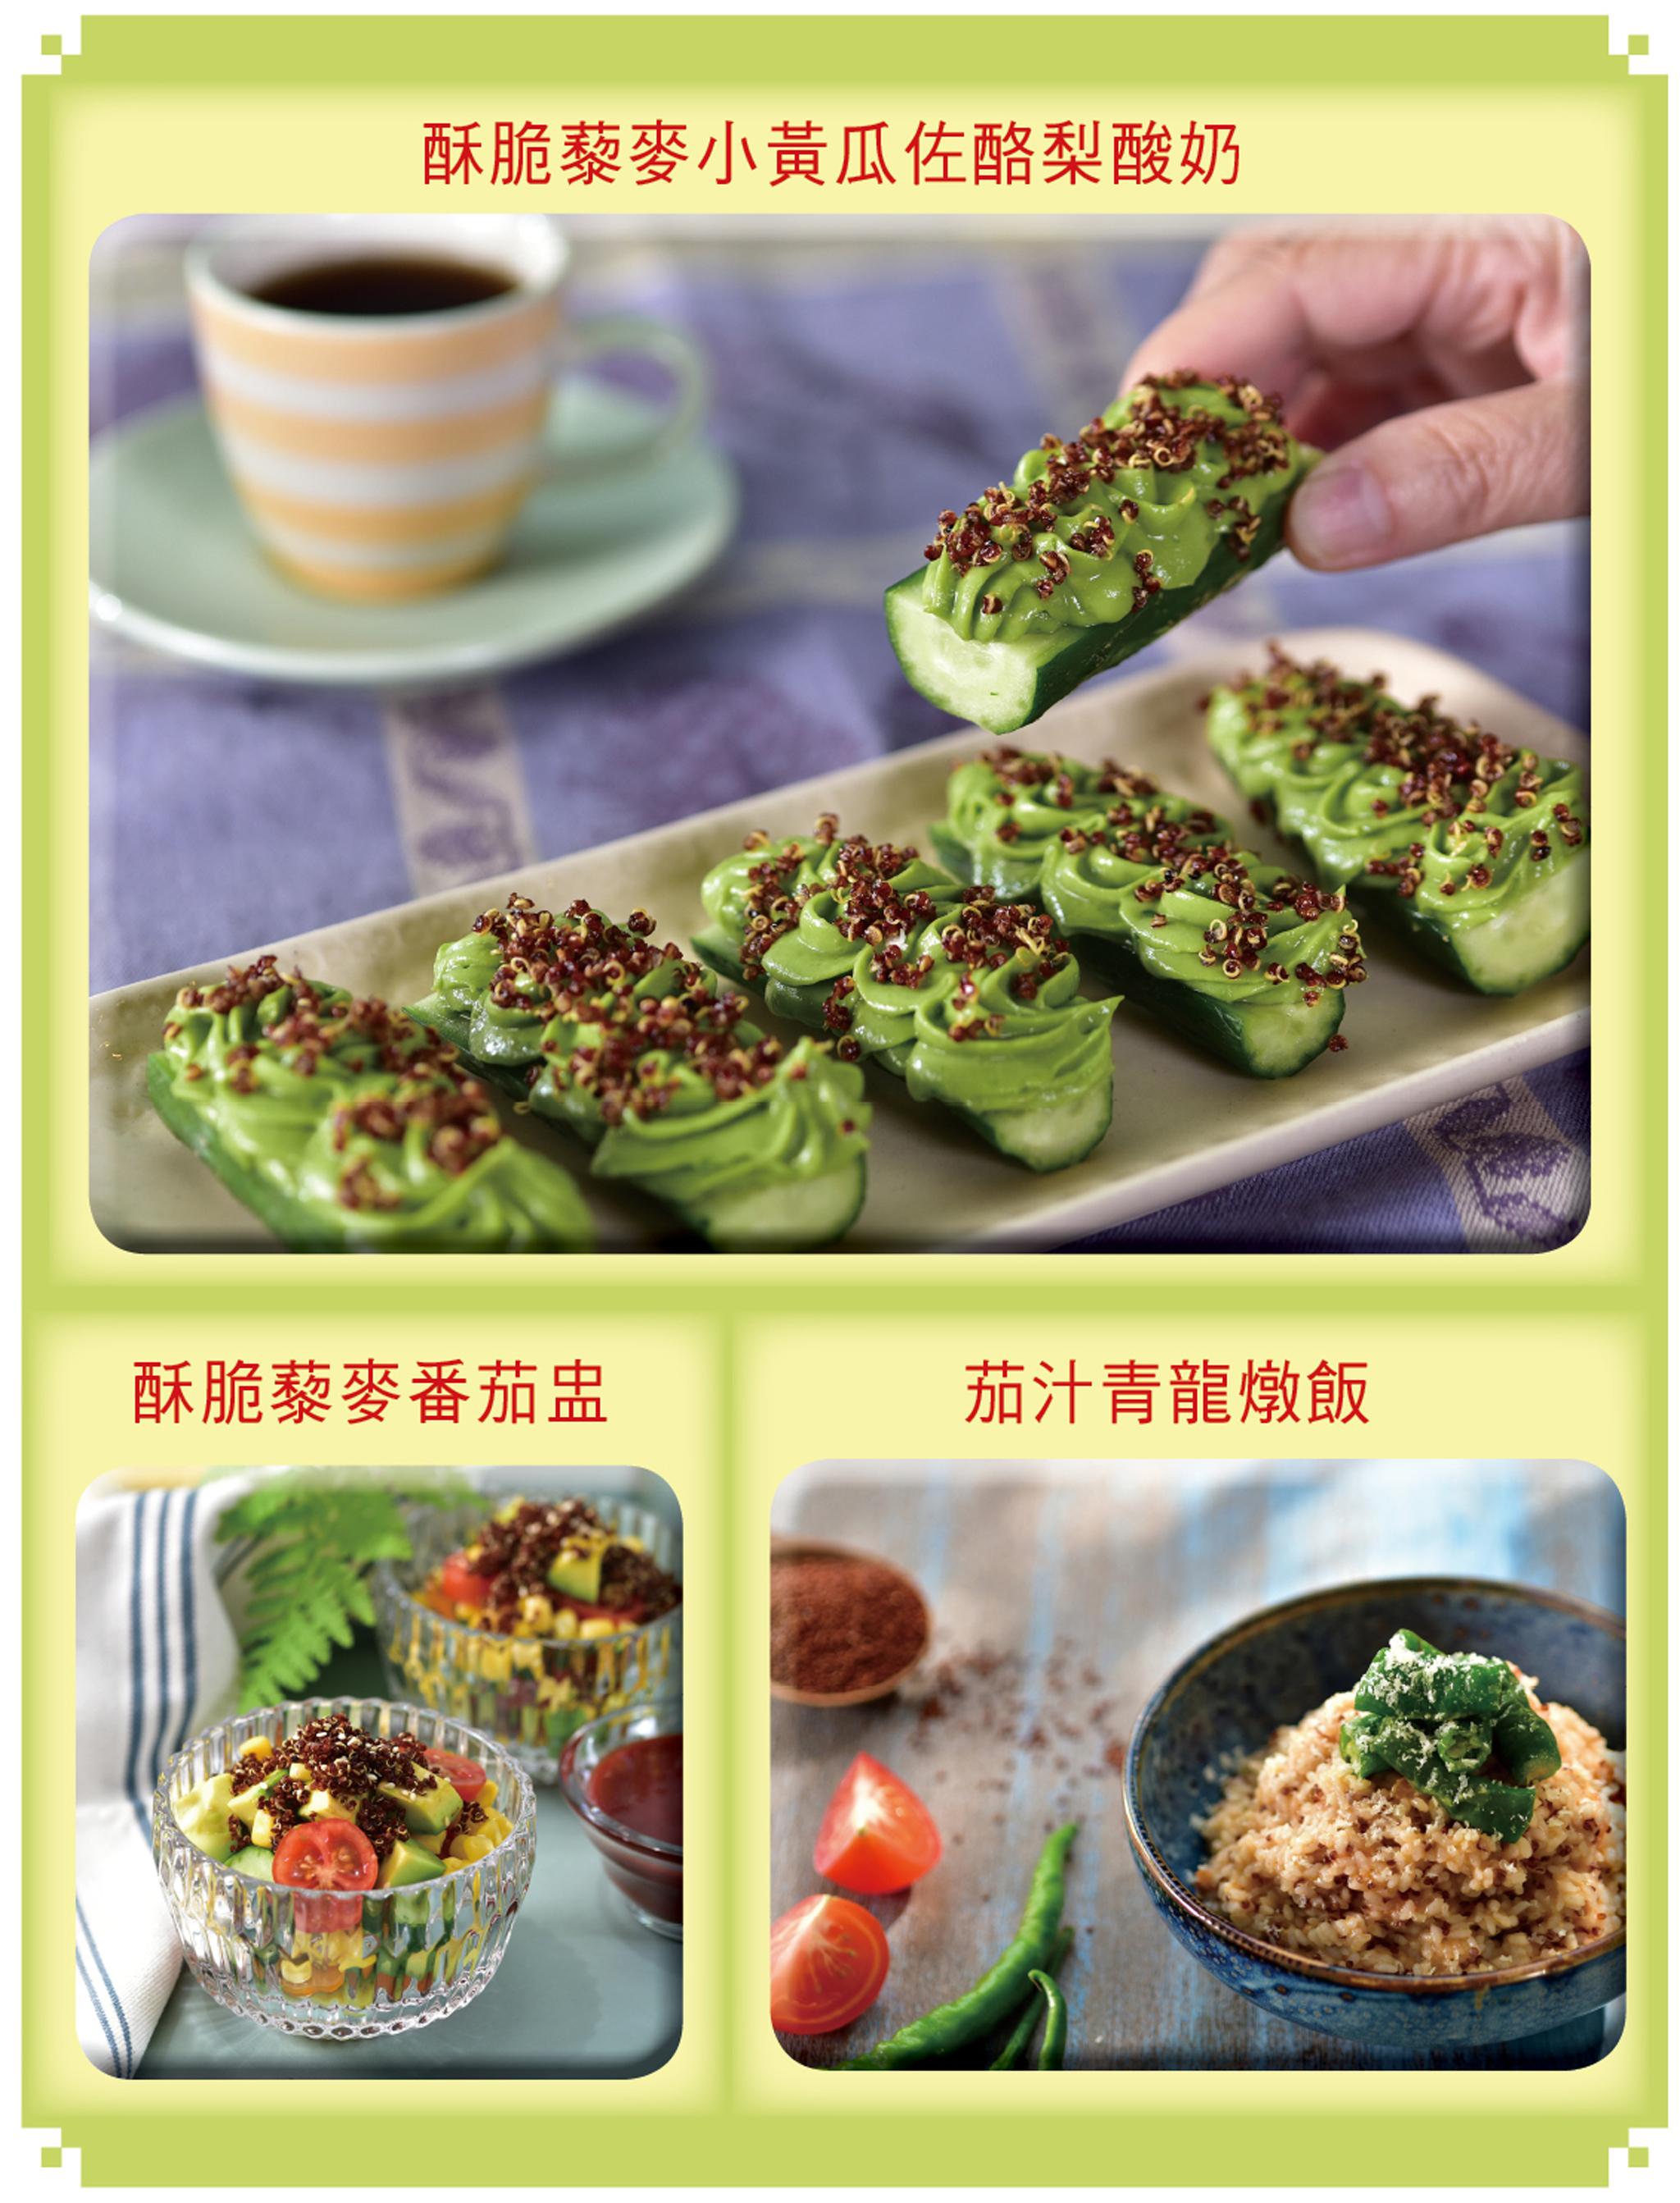 藜麥食譜:酥脆藜麥小黃瓜佐酪梨酸奶、酥脆藜麥番茄盅、茄汁青龍燉飯。